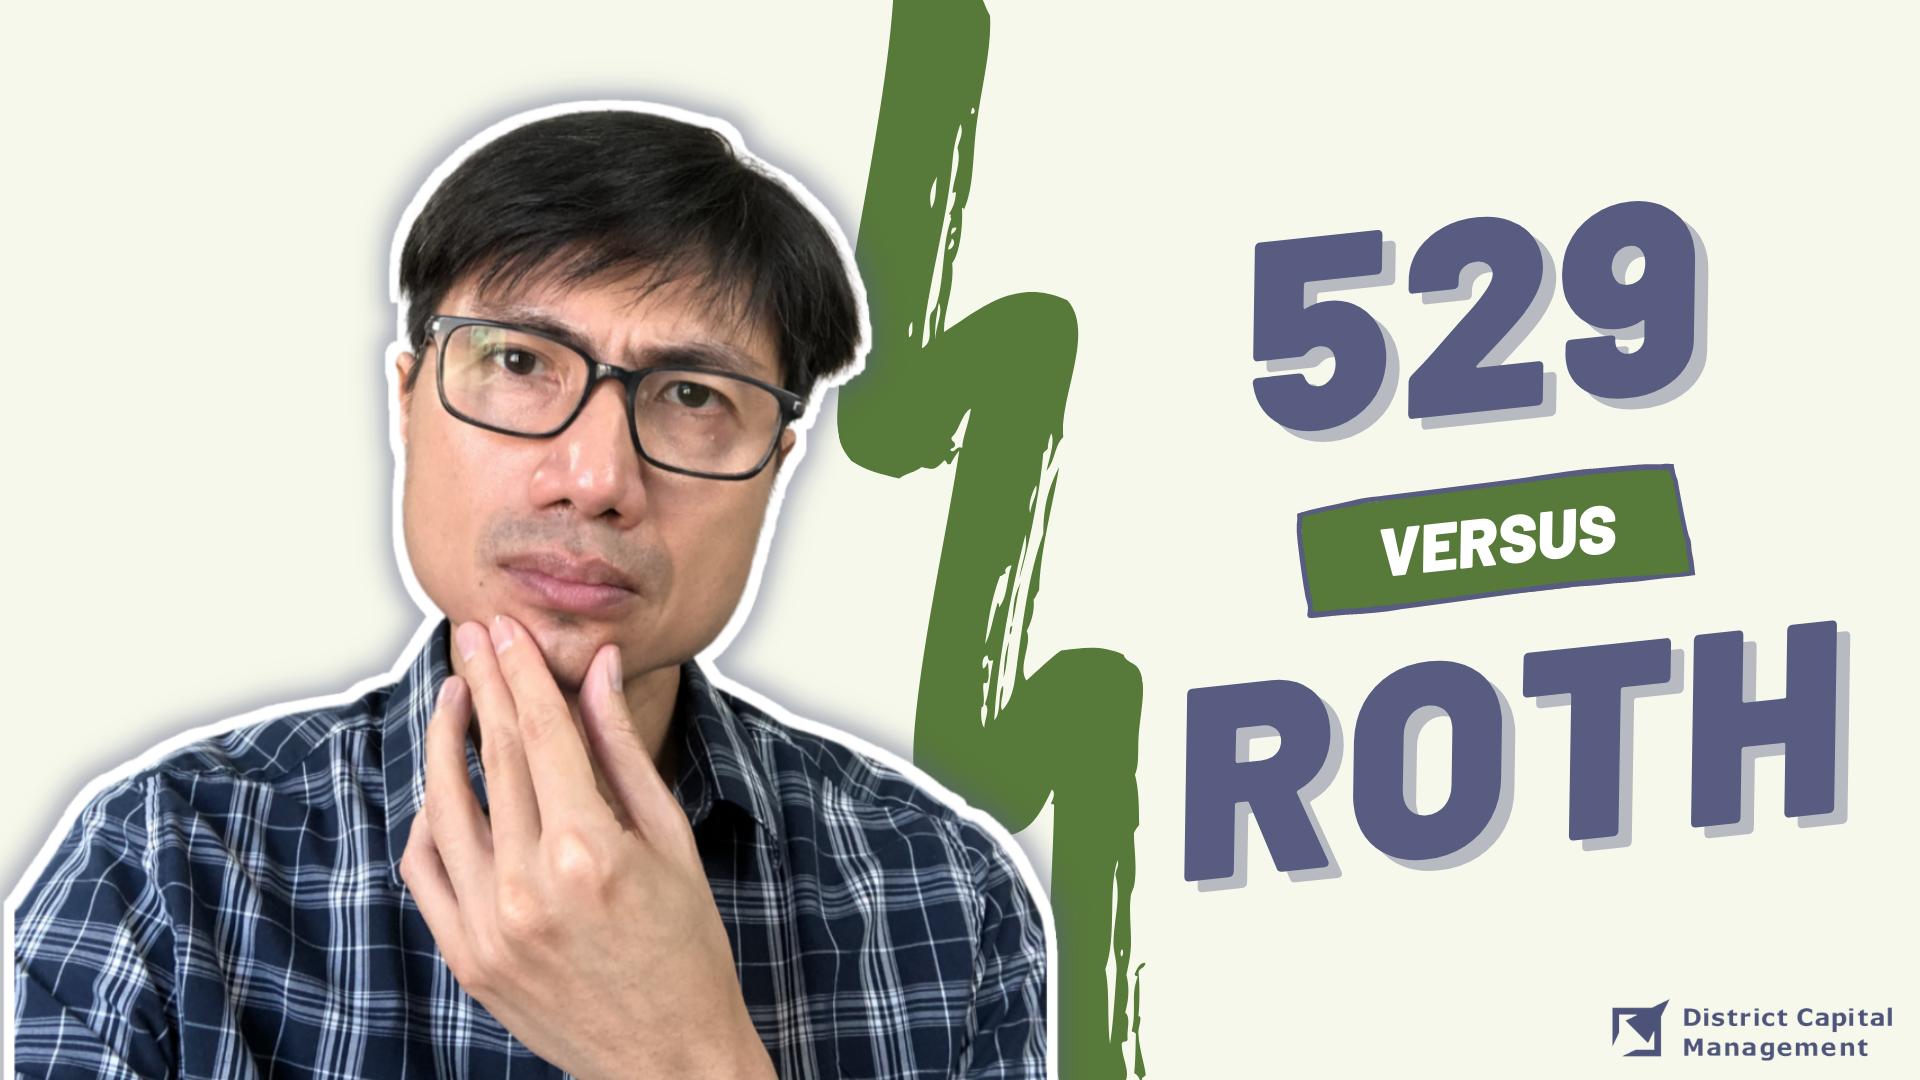 529 versus ROTH